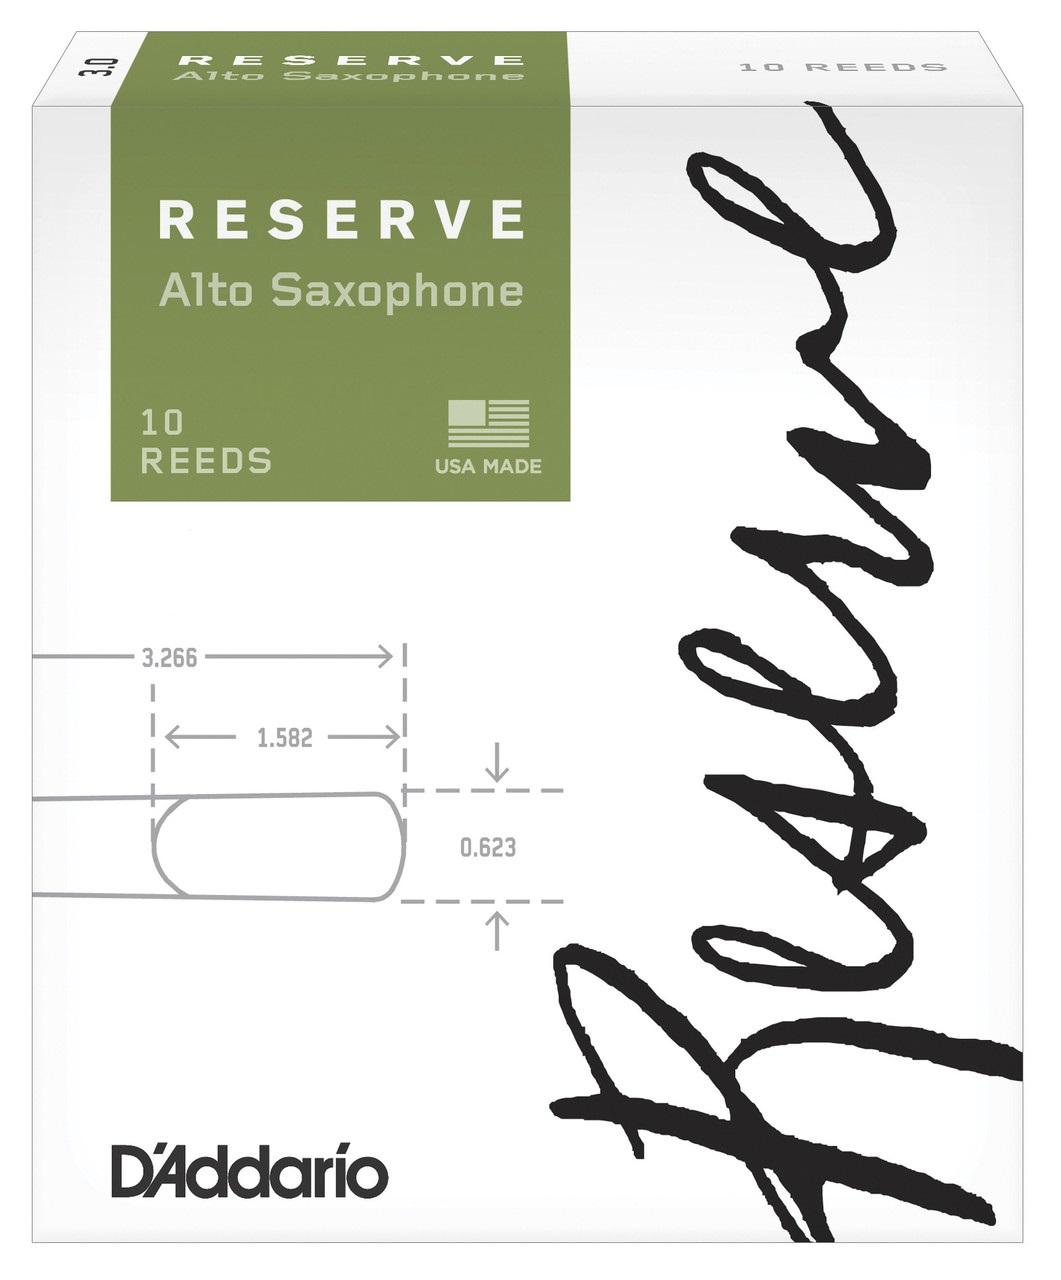 D'Addario Rico Reserve Alto Sax, 10 - 2,5